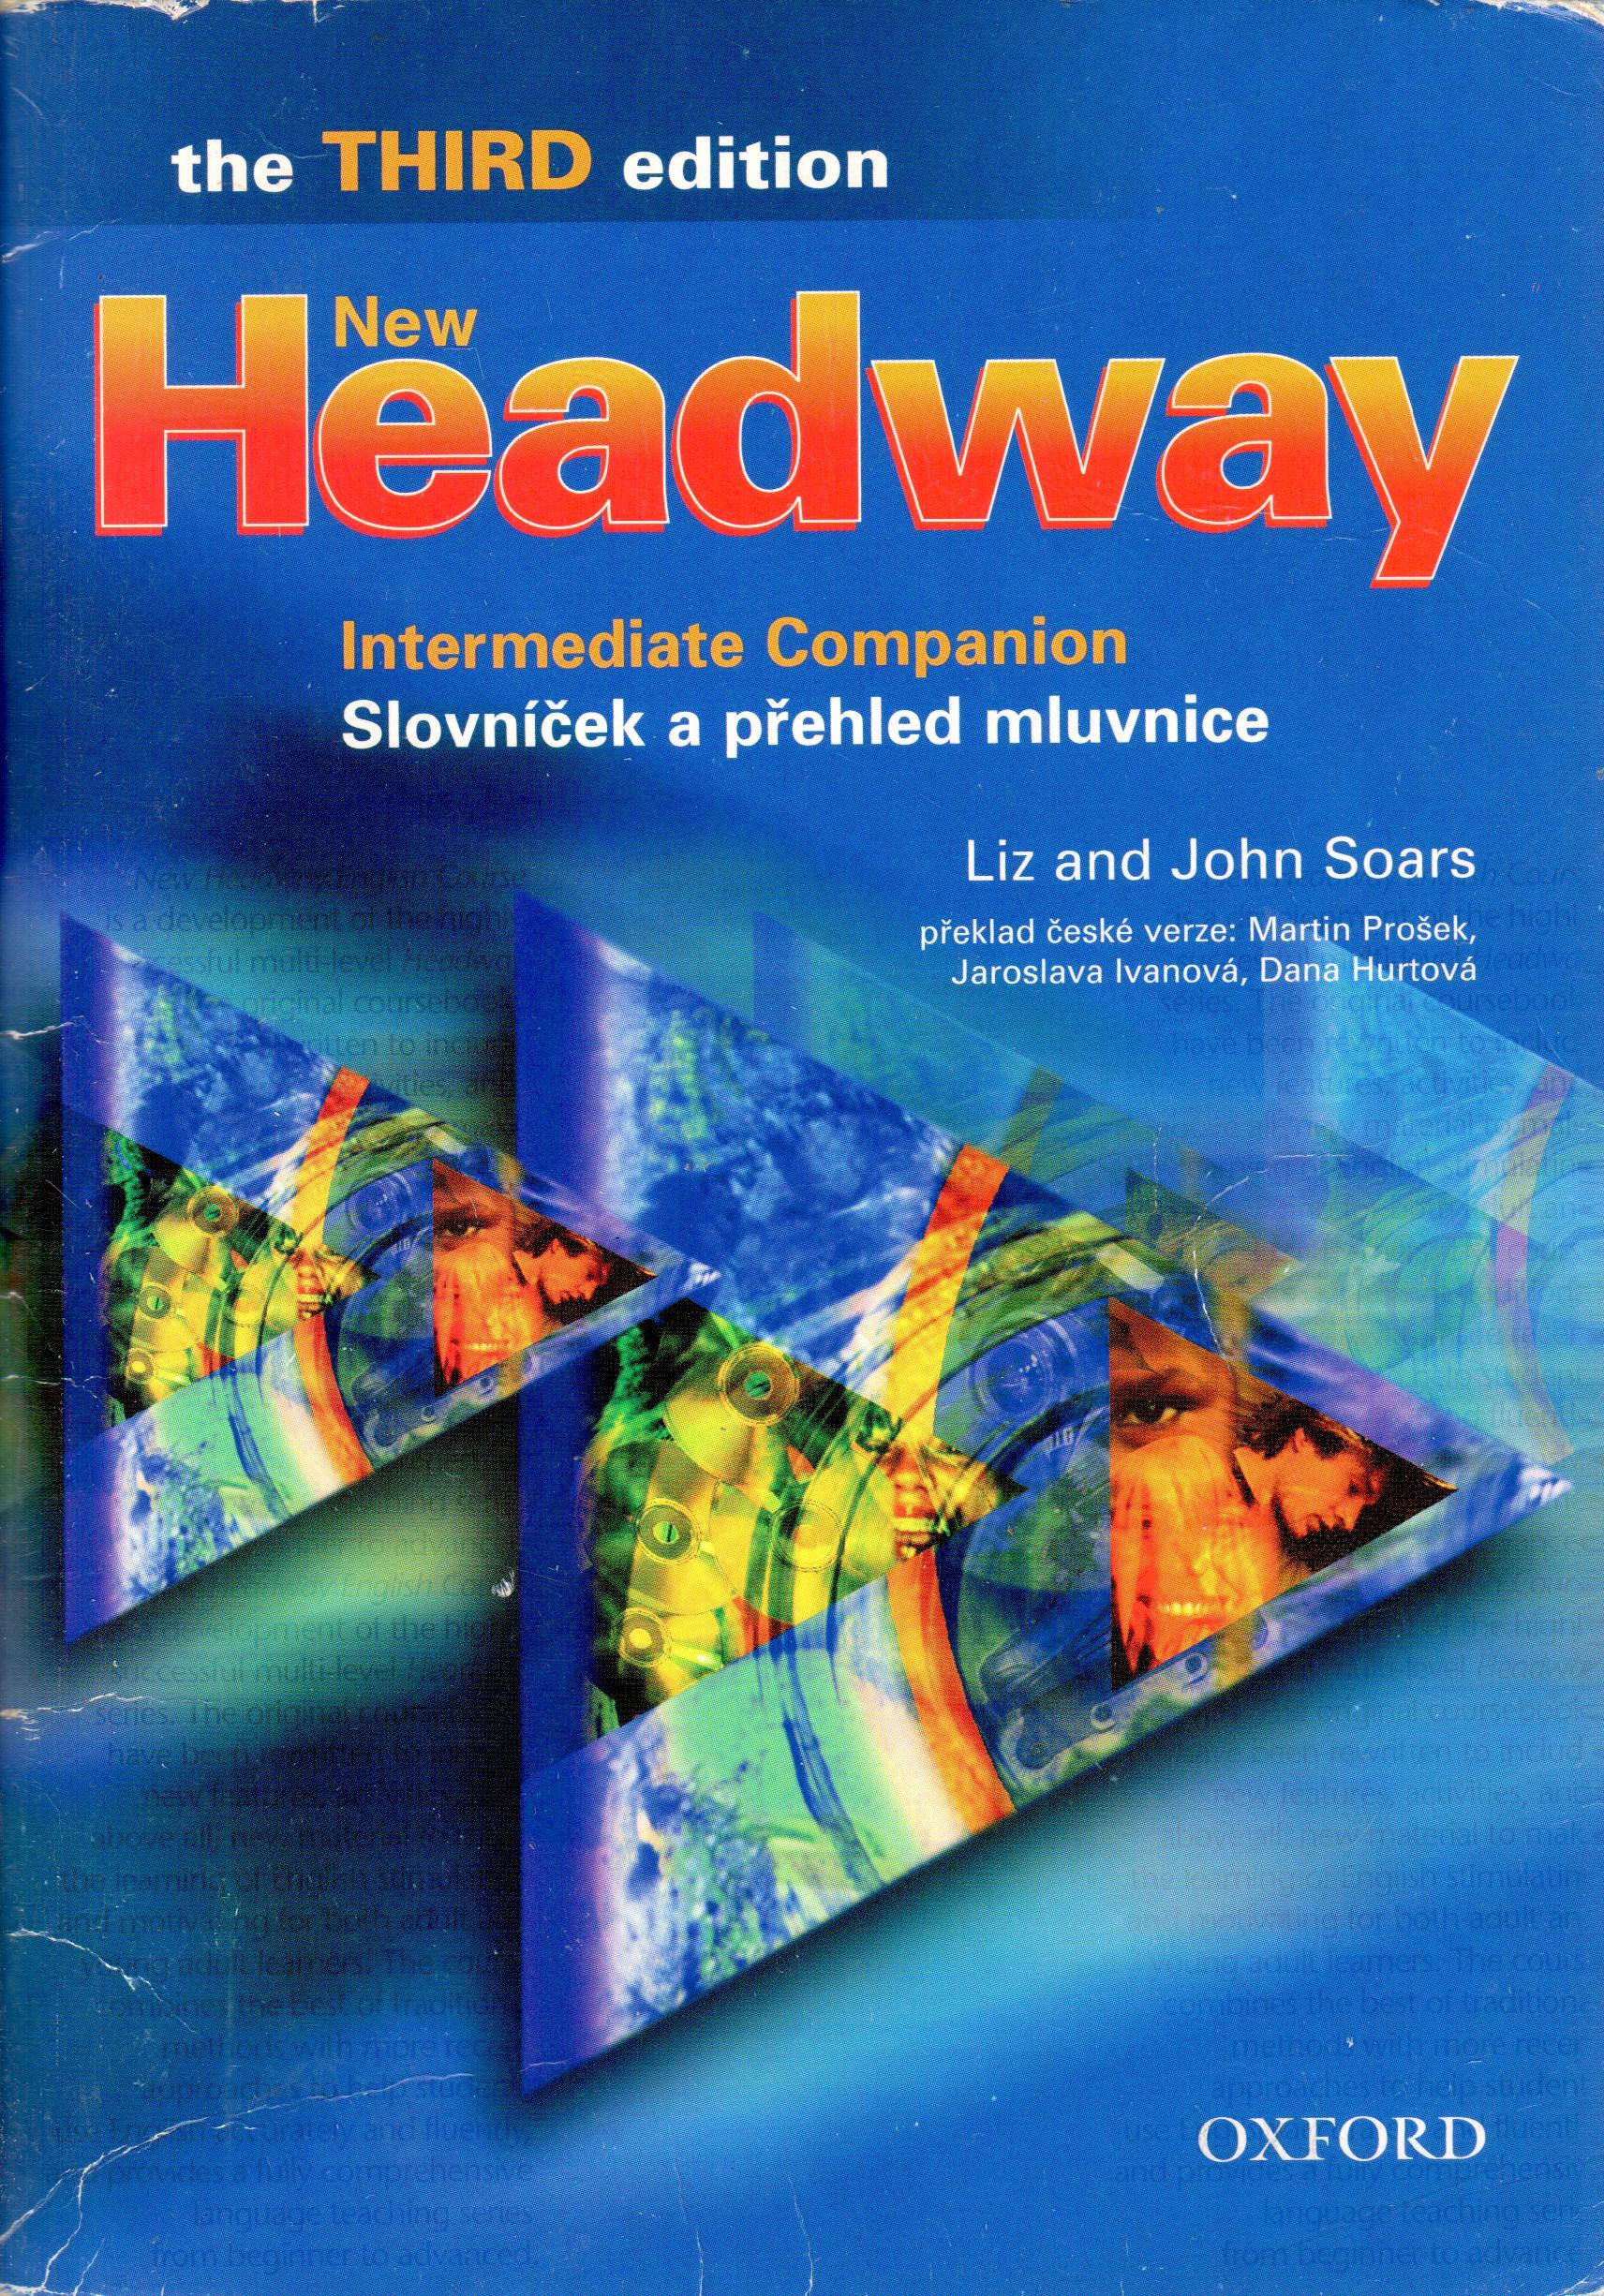 New Headway: Intermediate Companion - Náhled učebnice